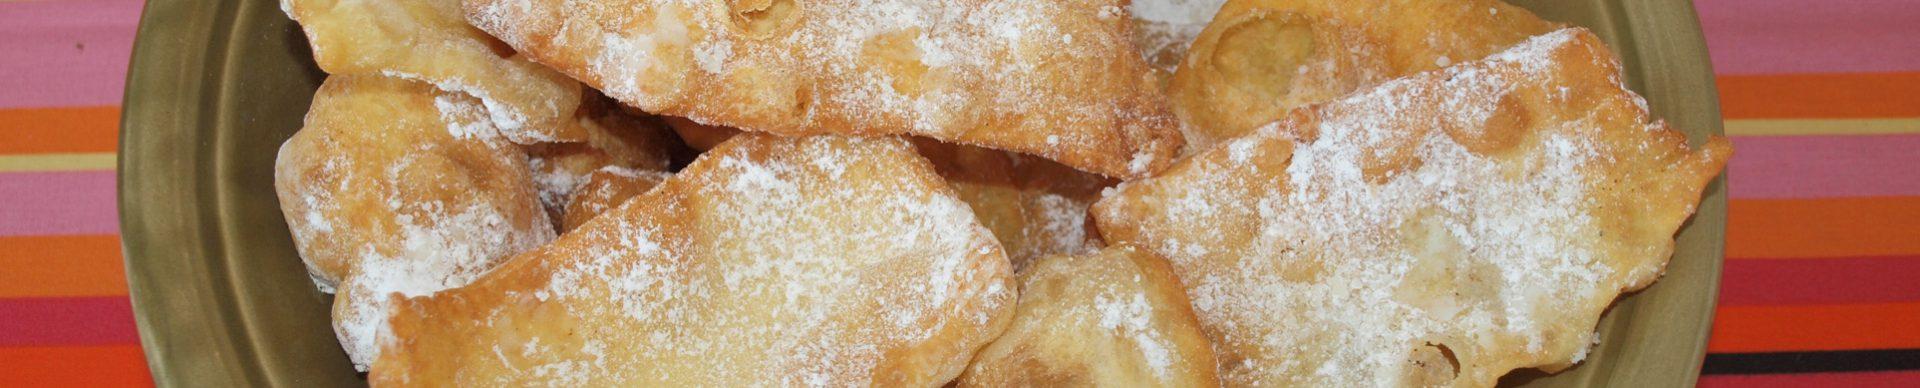 recette oreillette beignet bugne